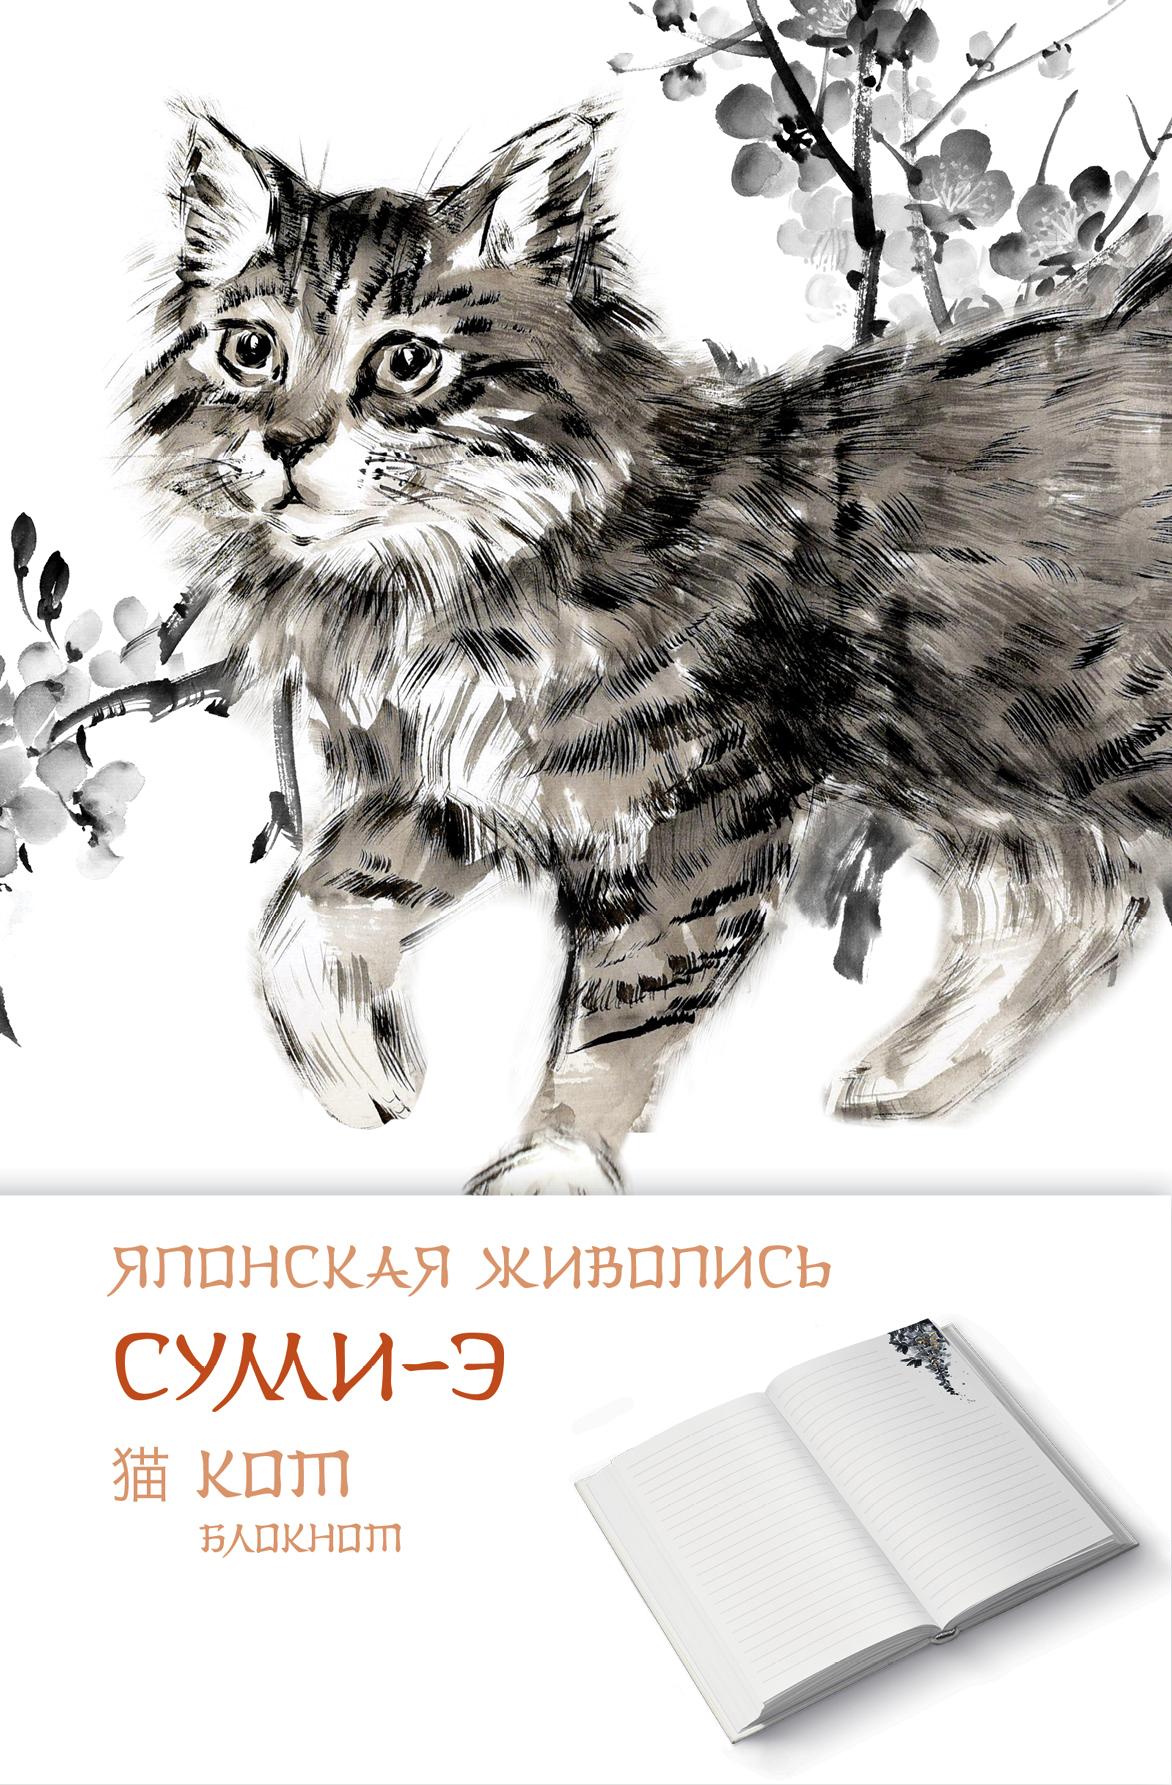 Японская живопись суми-э. Кот. Блокнот блокнот cчастливой хозяйки которая всё успевает